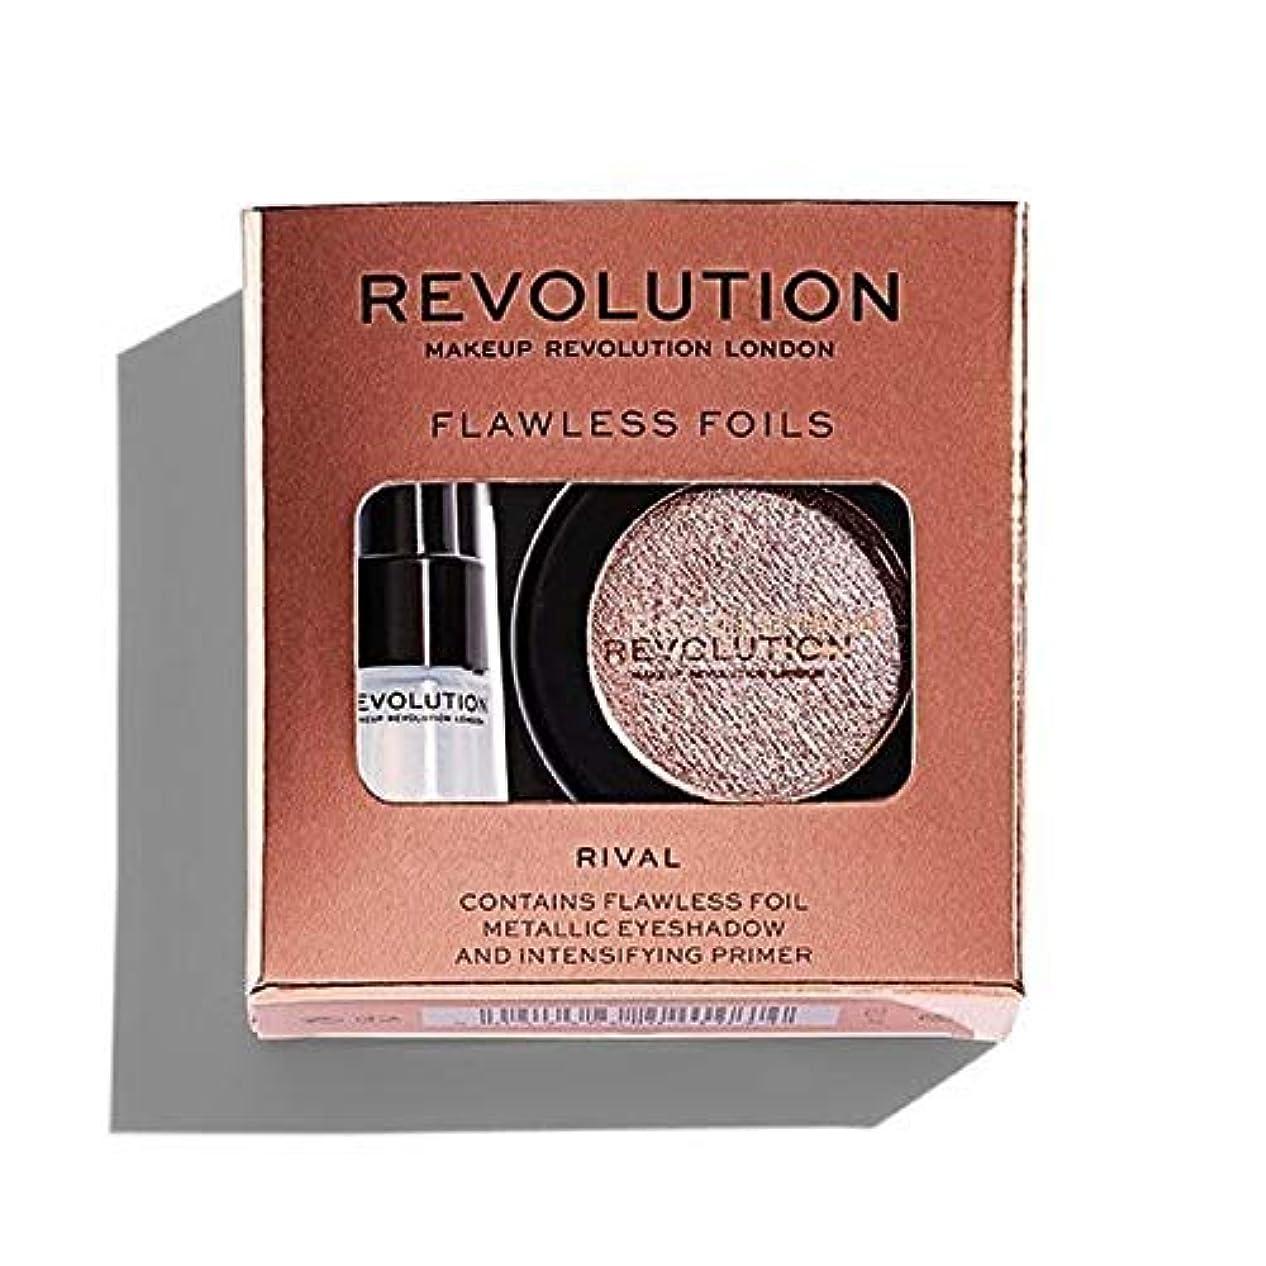 ミネラル拡大するそれる[Revolution ] ライバル革命完璧な箔 - Revolution Flawless Foils Rival [並行輸入品]